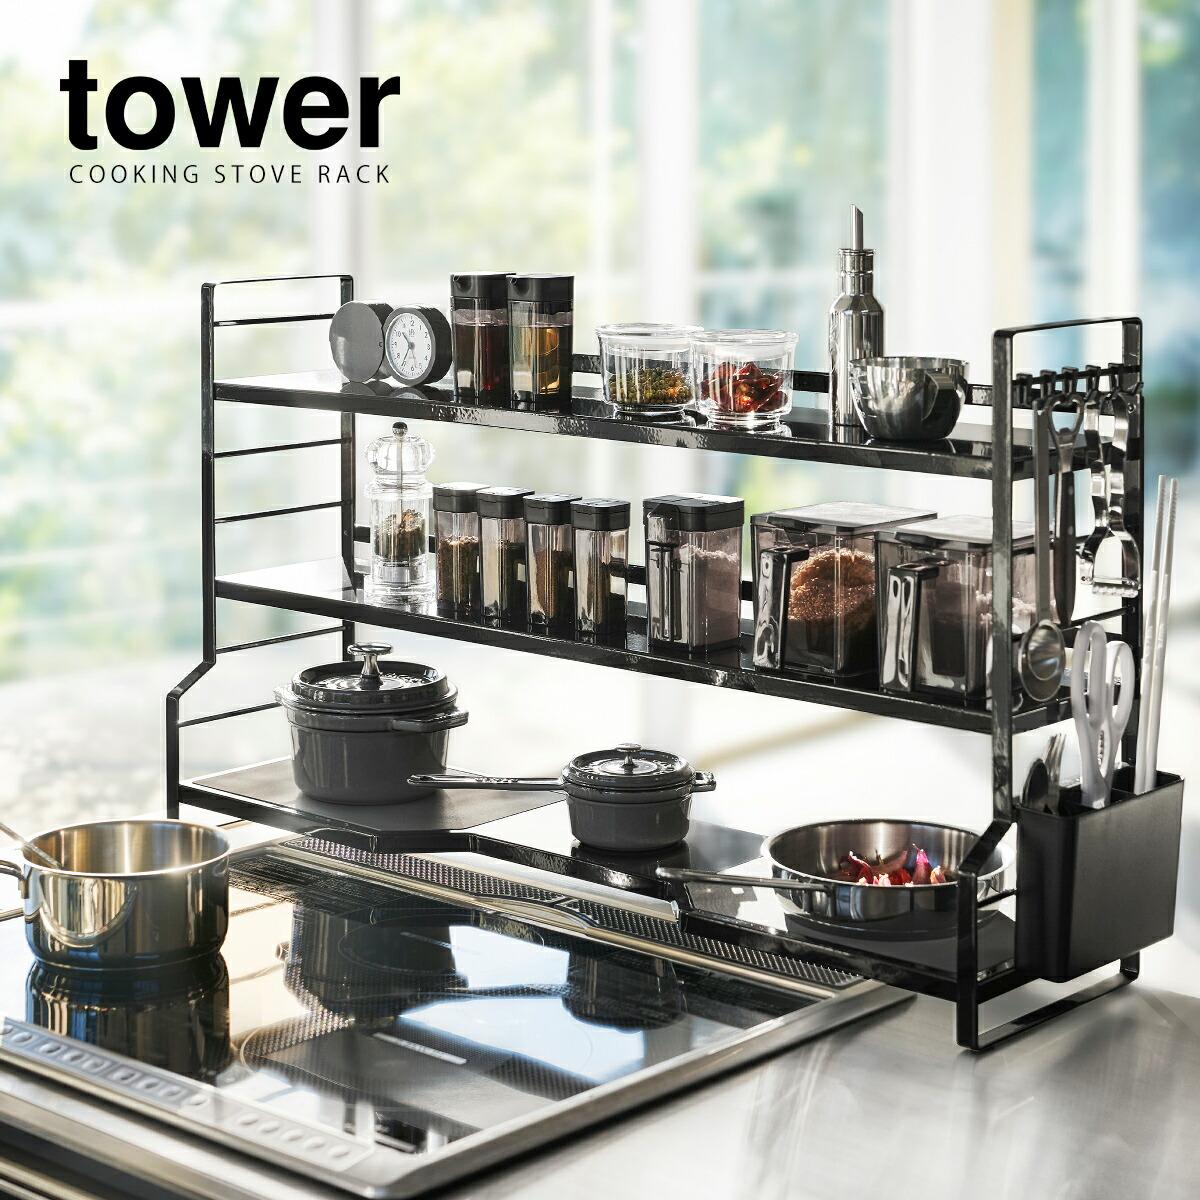 tower / タワー コンロ奥ラック3段 キッチン 収納 ラック 収納ラック 調味料ラック スパイスラック 調理器具 省スペース スリム